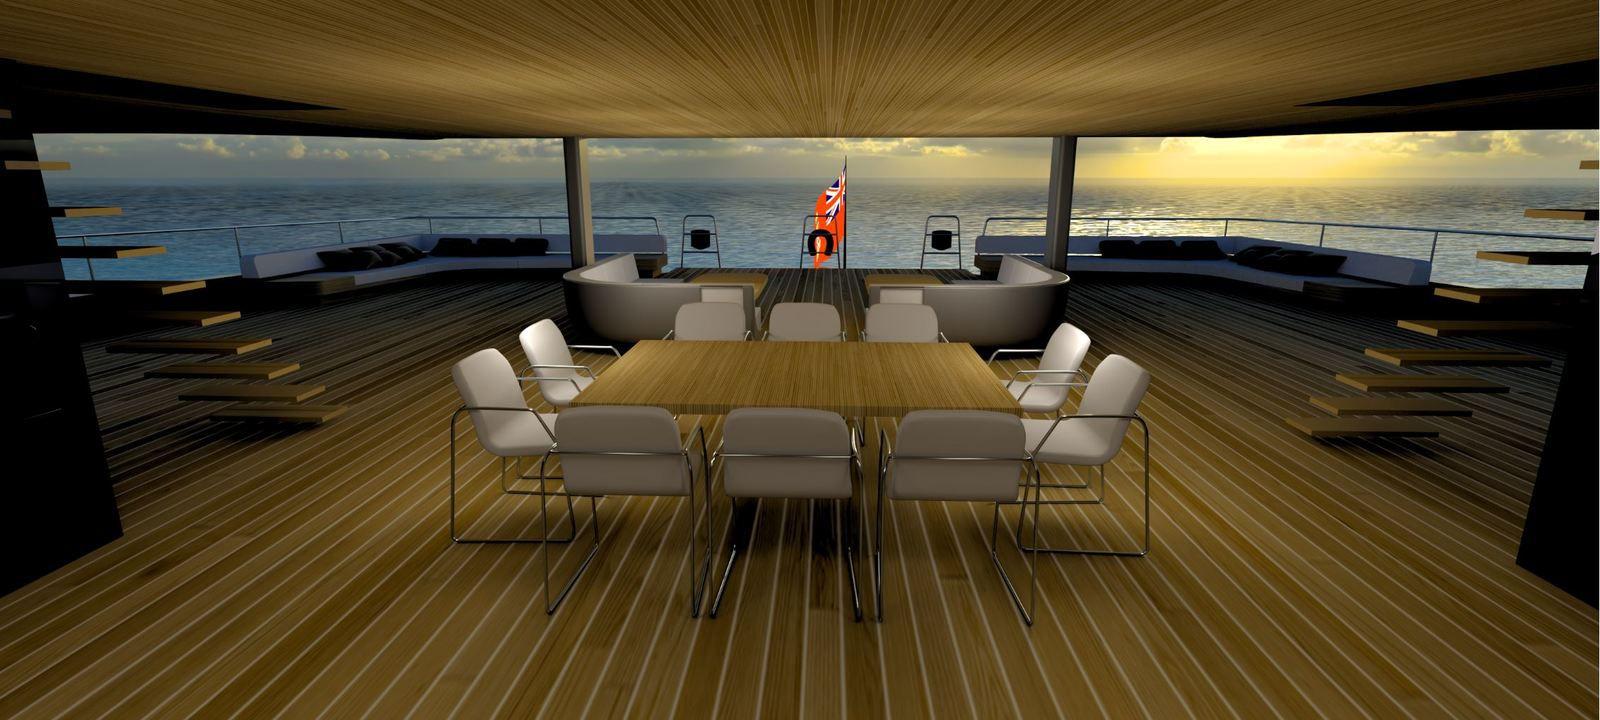 46 mètres de luxe, le nouveau catamaran de Sunreef Yachts et Malcolm McKeon !